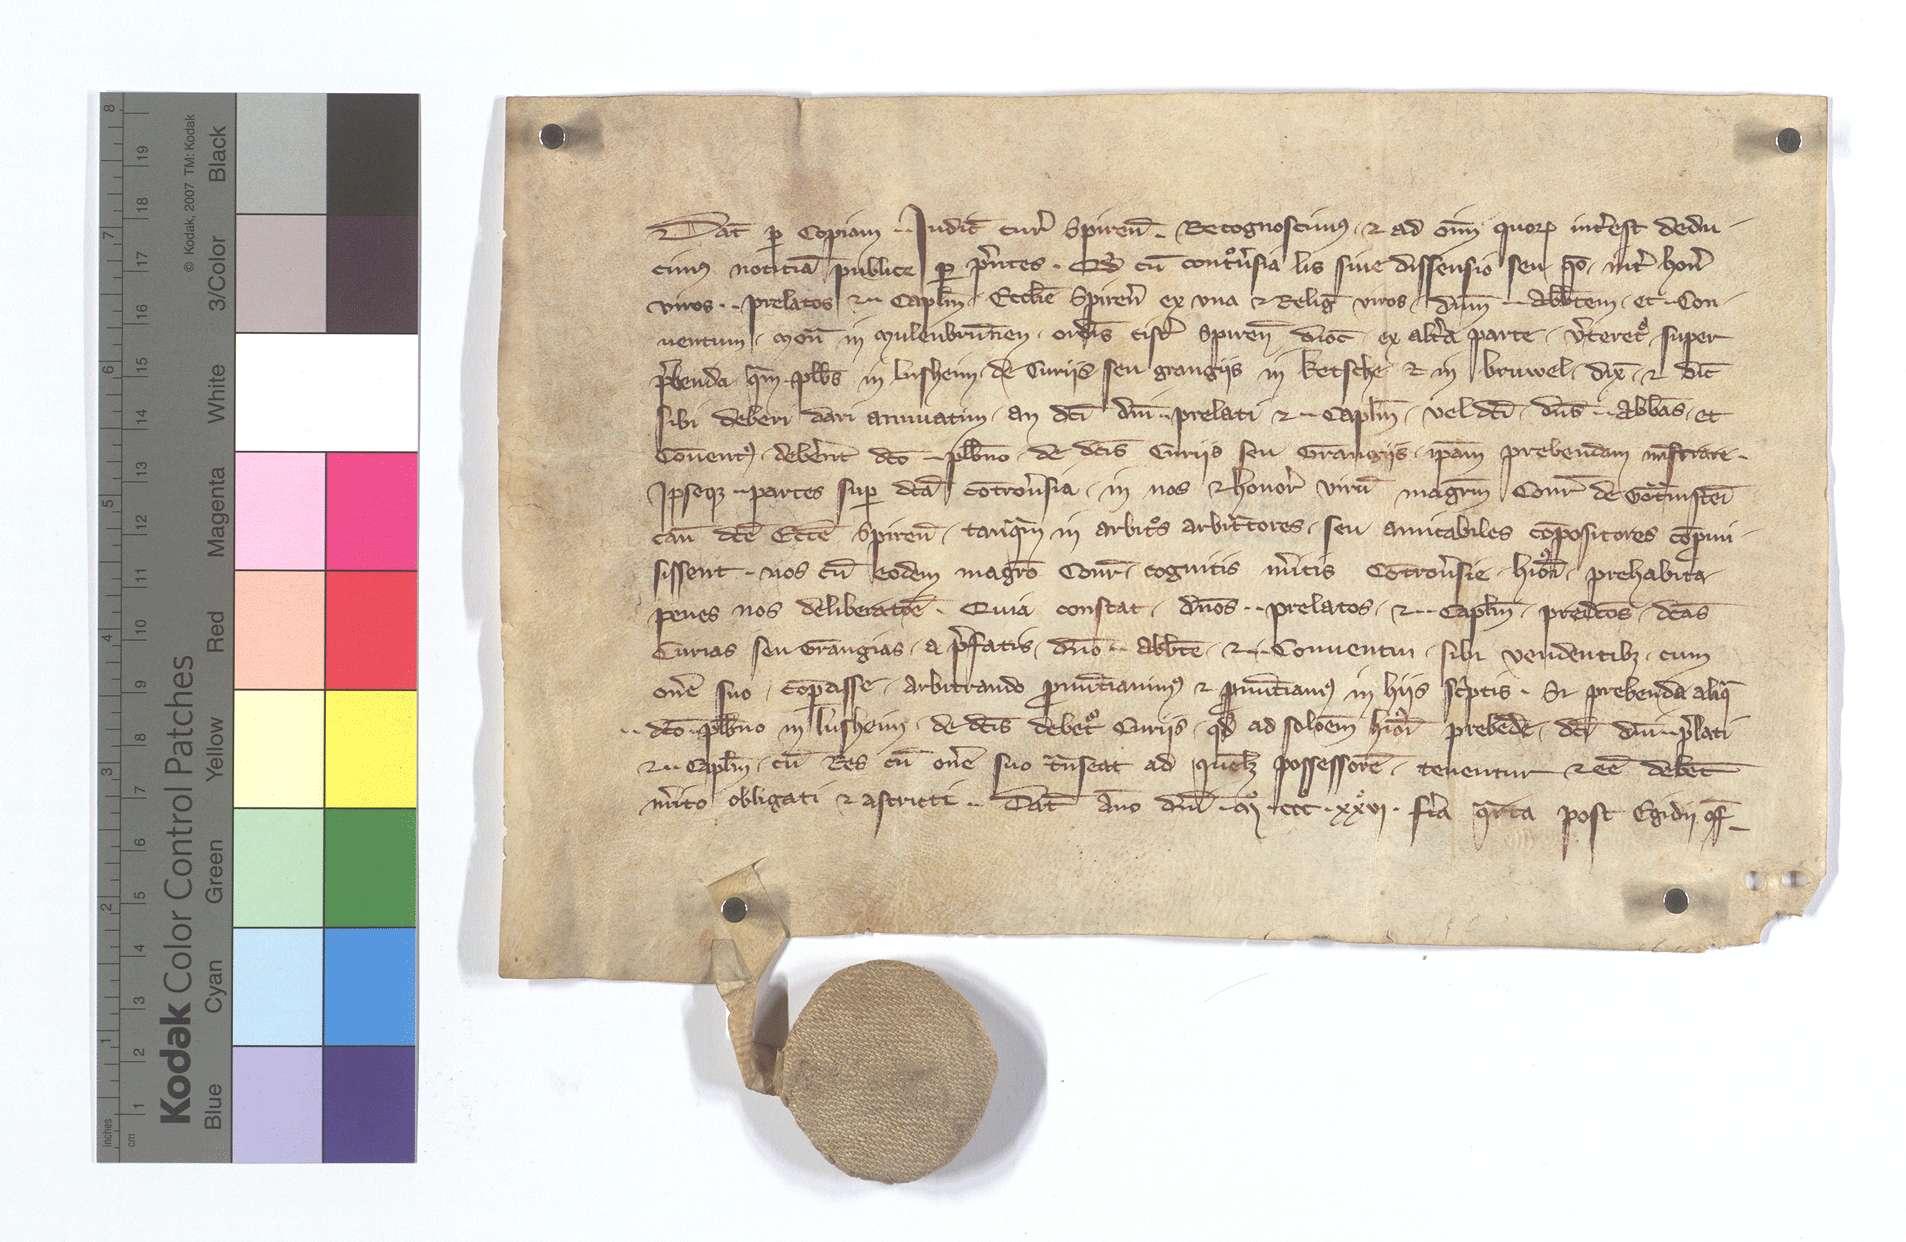 Das Geistliche Gericht zu Speyer entscheidet einen Streit zwischen dem Domkapitel Speyer und dem Kloster Maulbronn wegen einer Pfründe des Pfarrers von Lußheim auf den beiden Höfen in Ketsch und in Brühl (Brüel)., Text